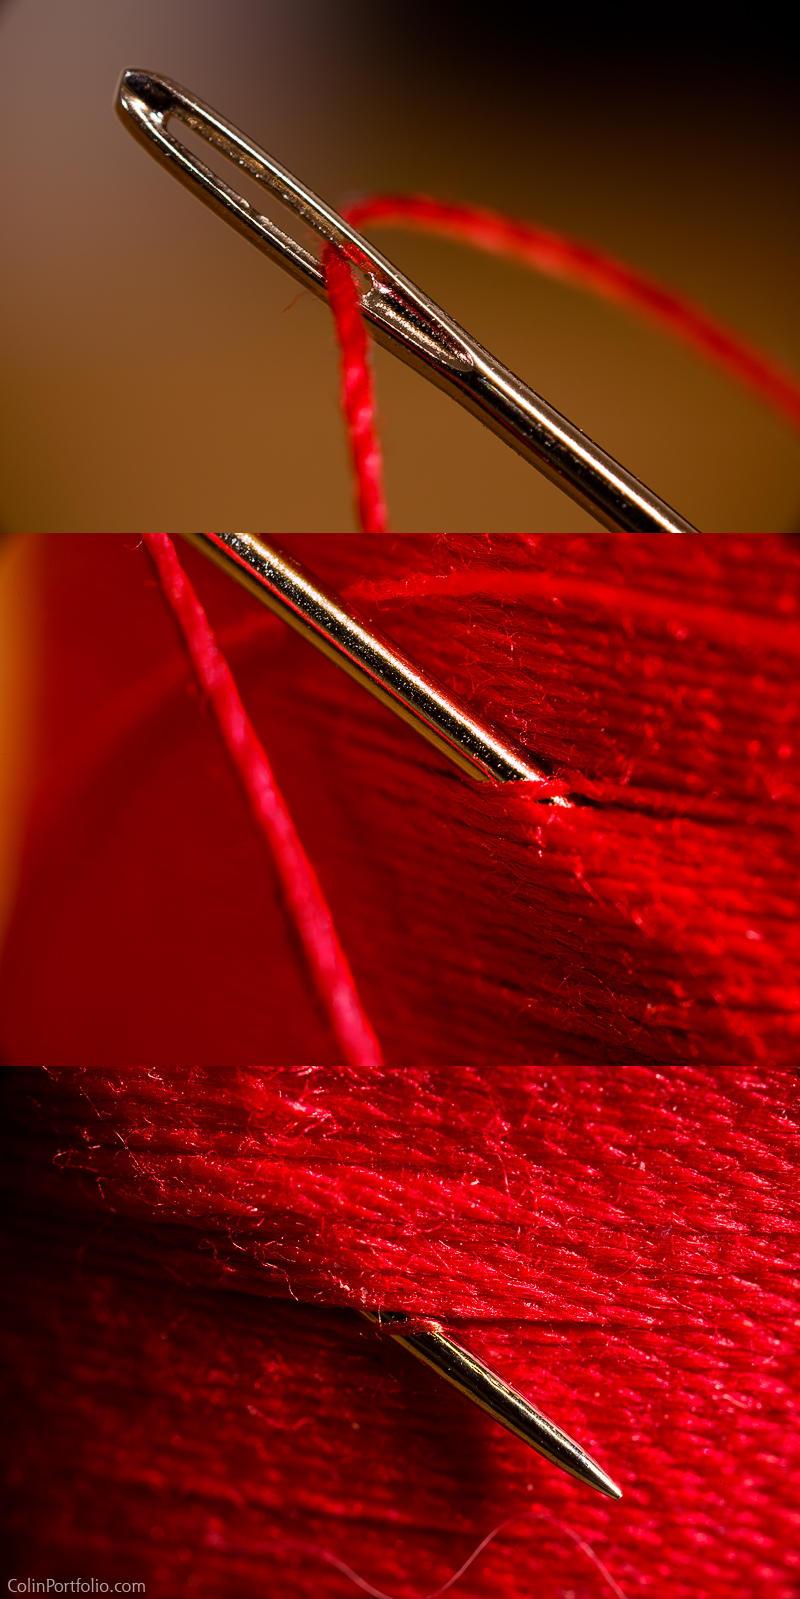 A Haystack in a Needle by ColinPortfolio